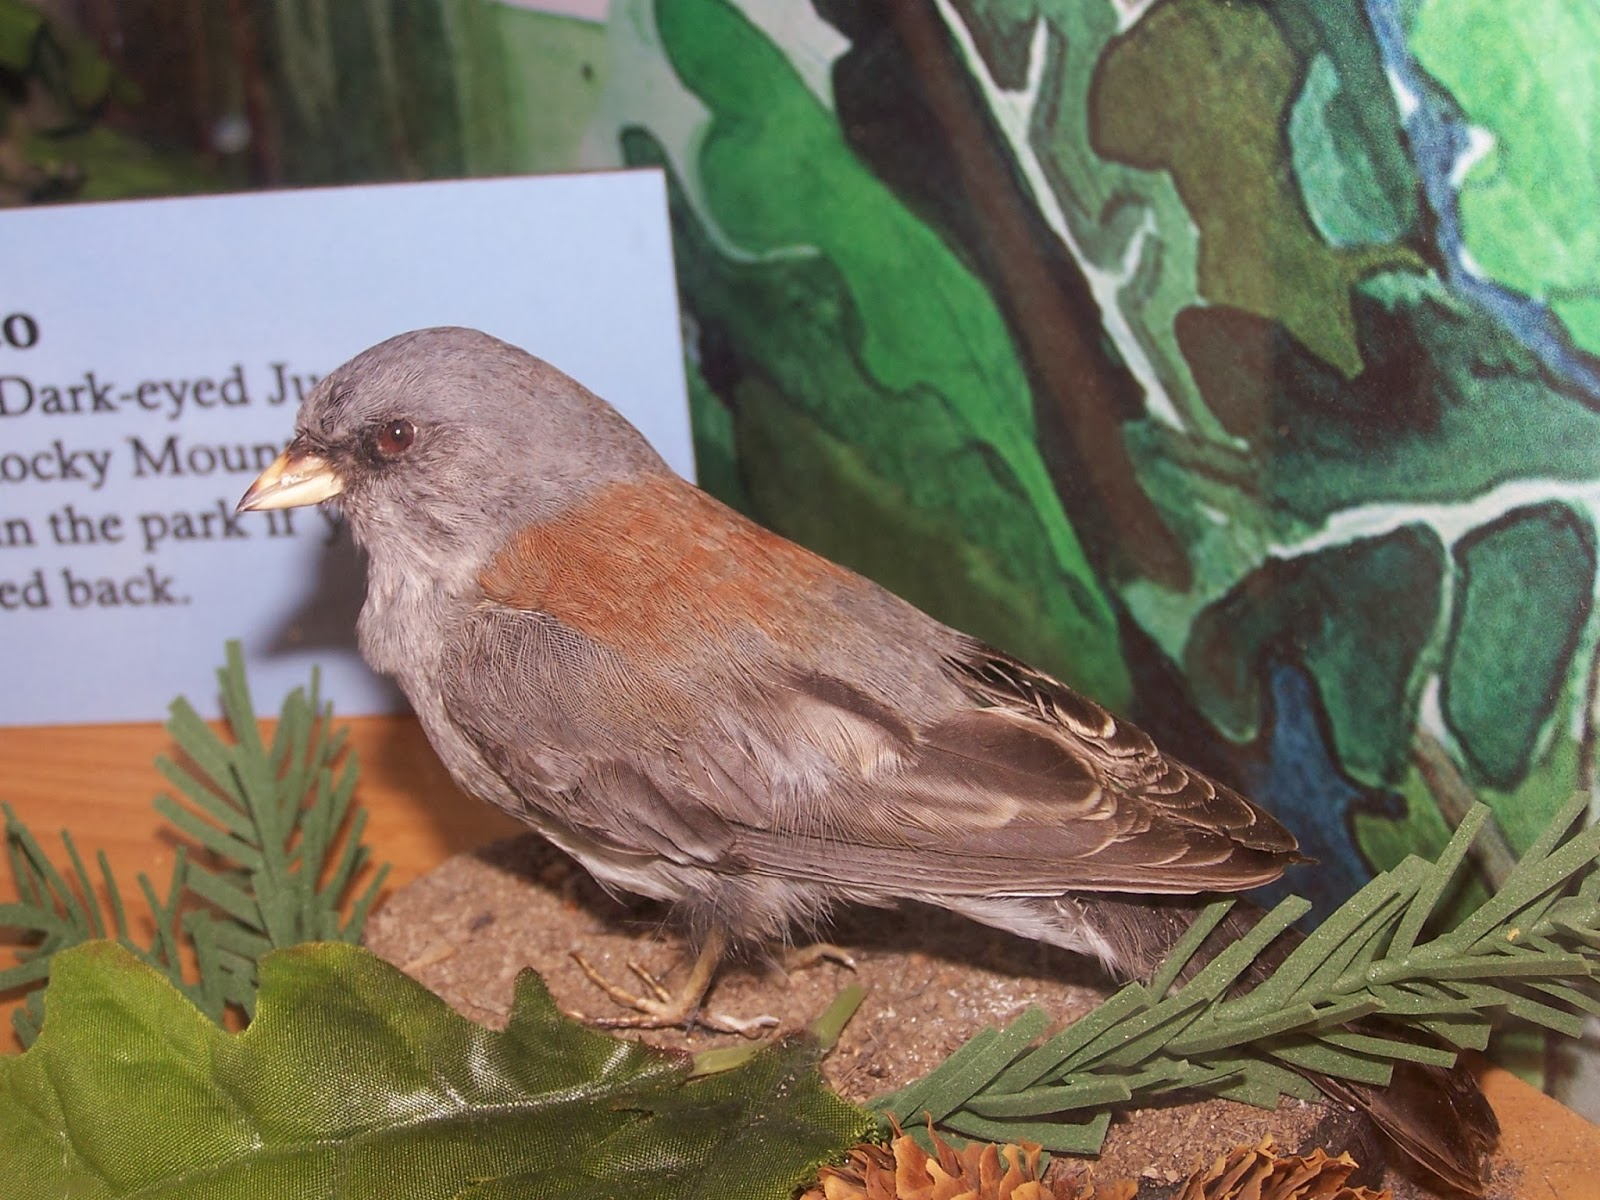 Wild Birds Unlimited | Preguntas frecuentes - Robins y Bluebirds en el invierno? | Erie, PA